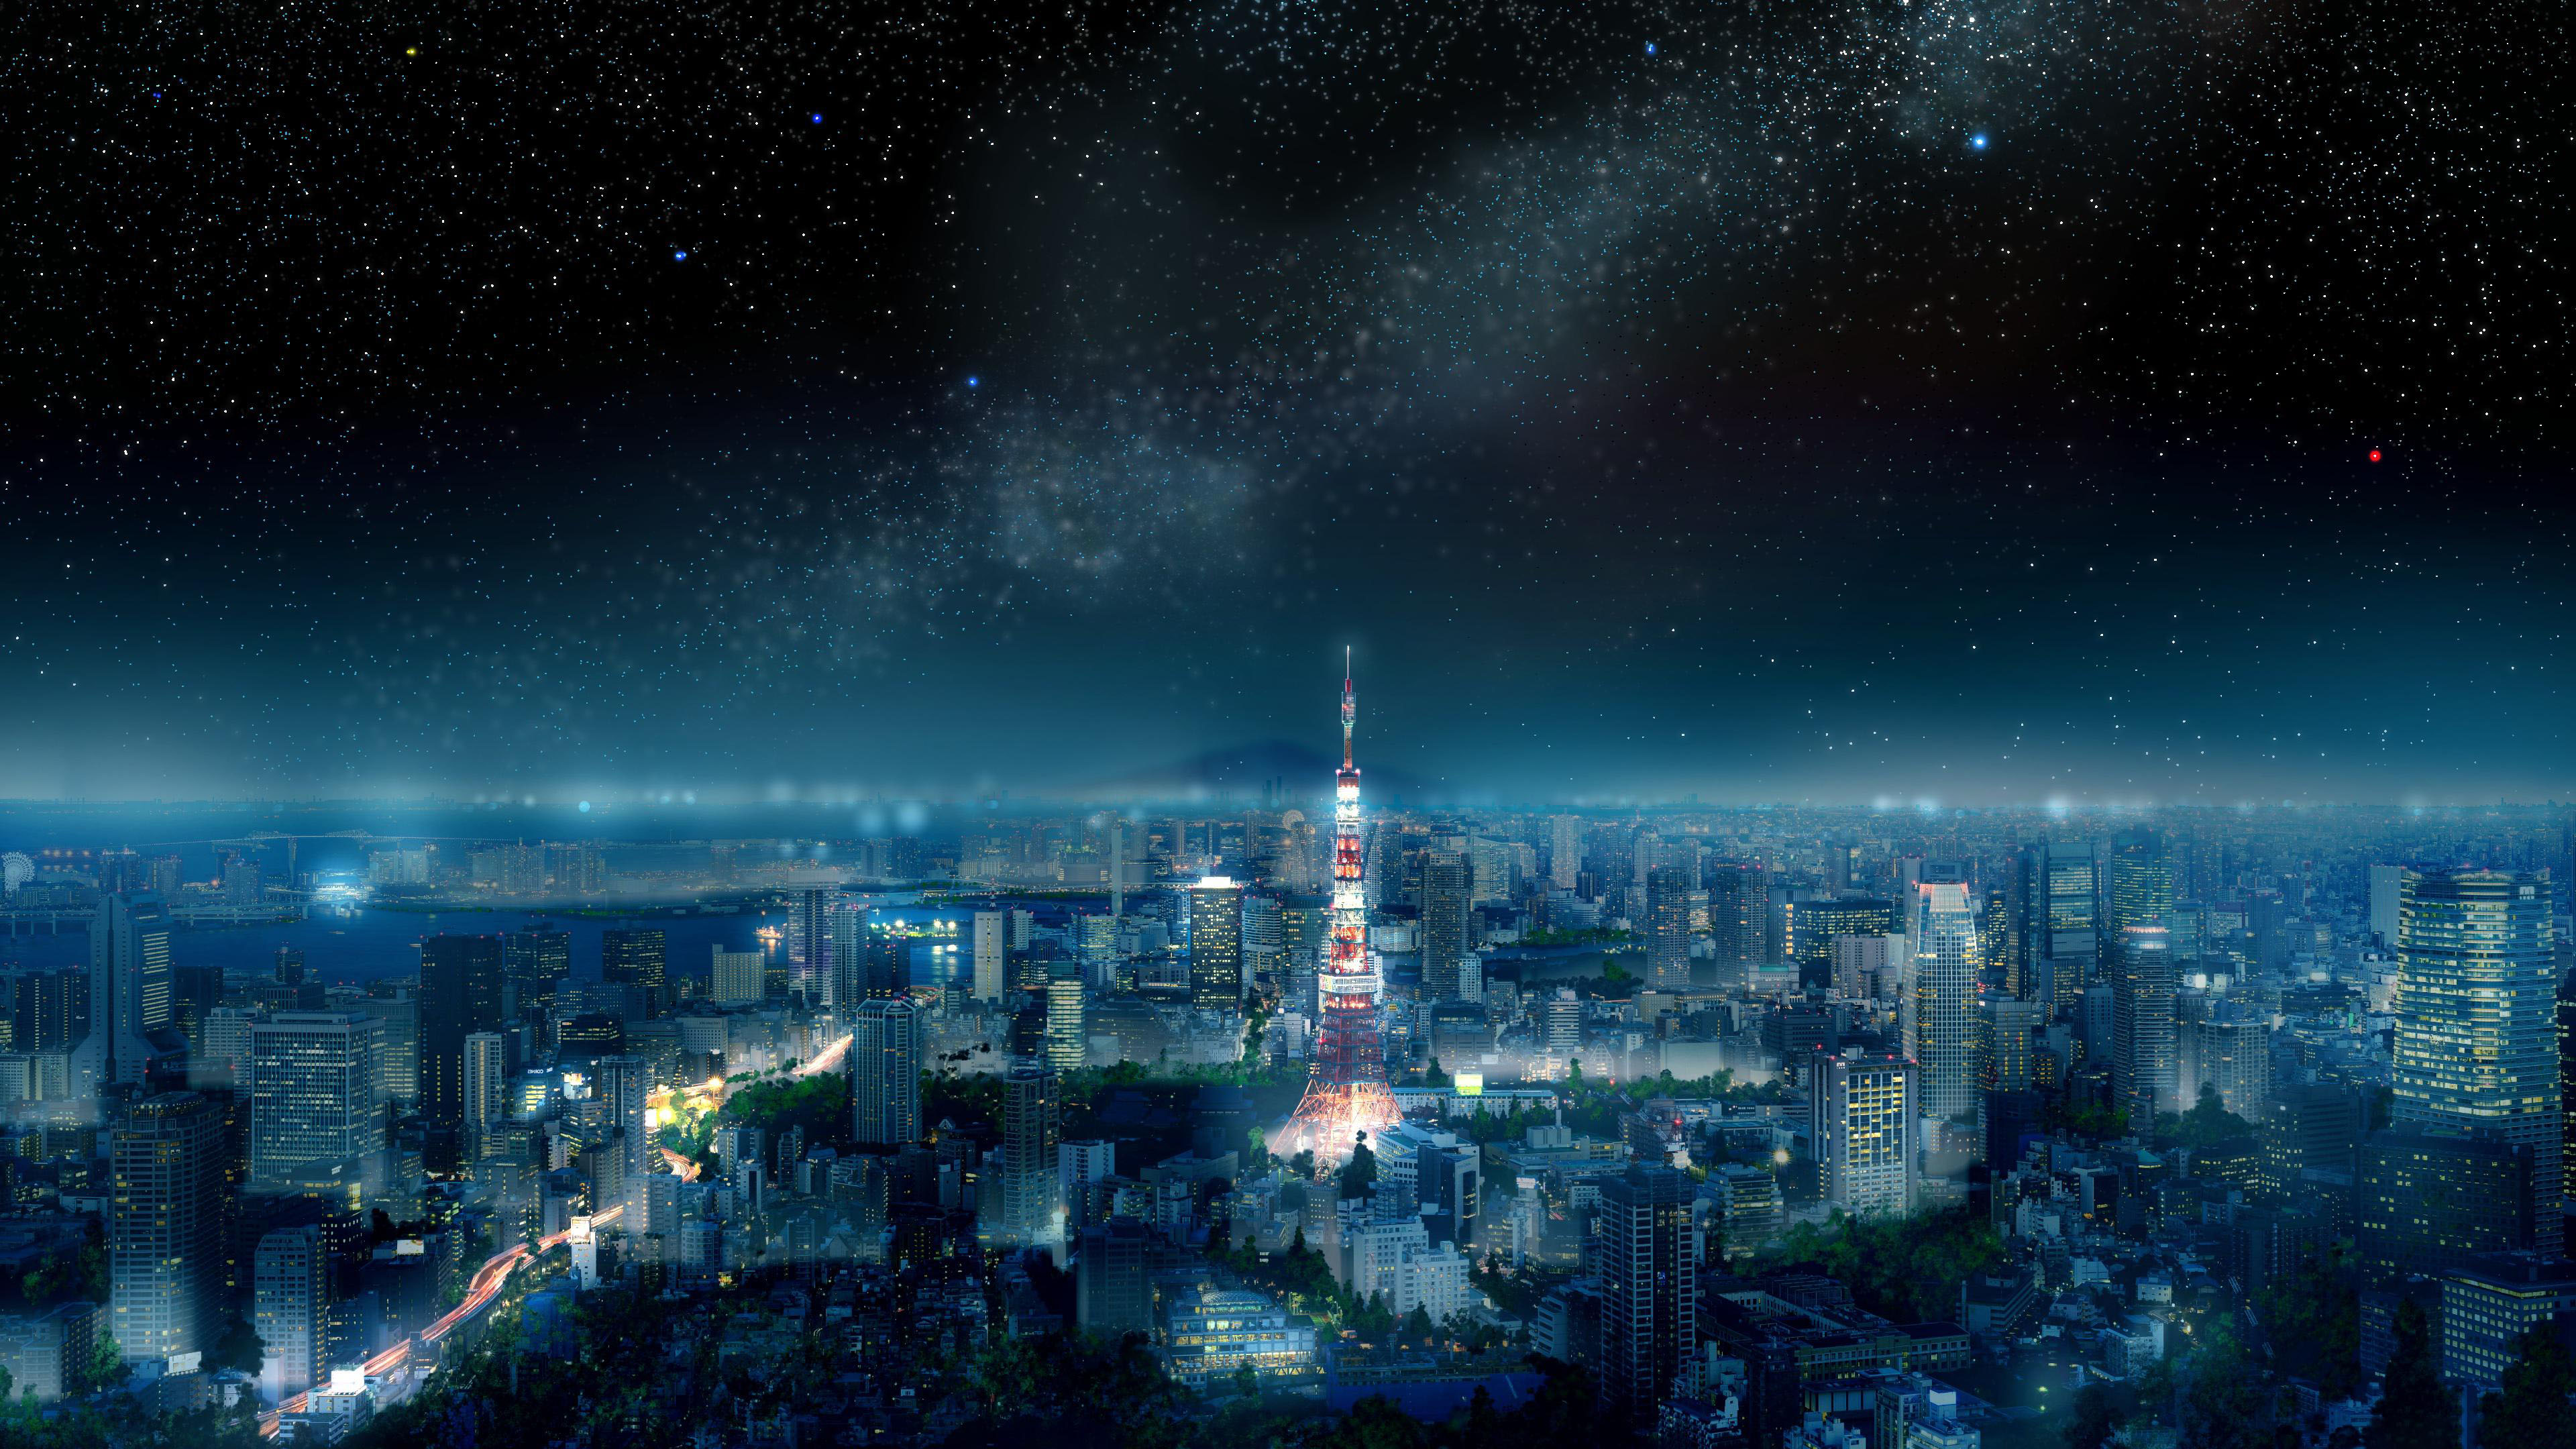 Hình nền phong cảnh thành phố